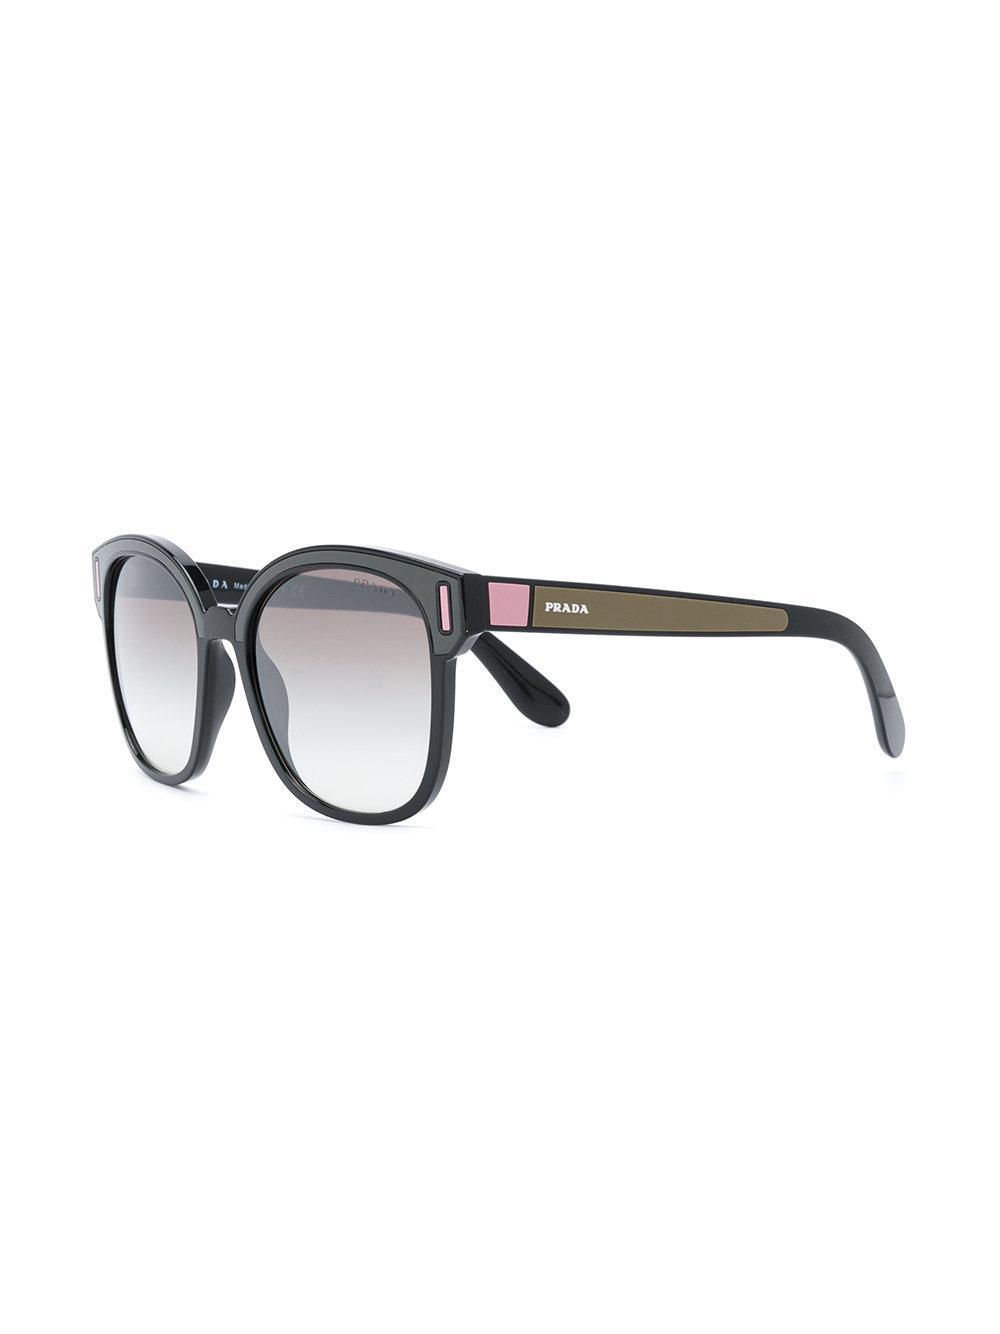 Prada Square Frame Sunglasses in Black